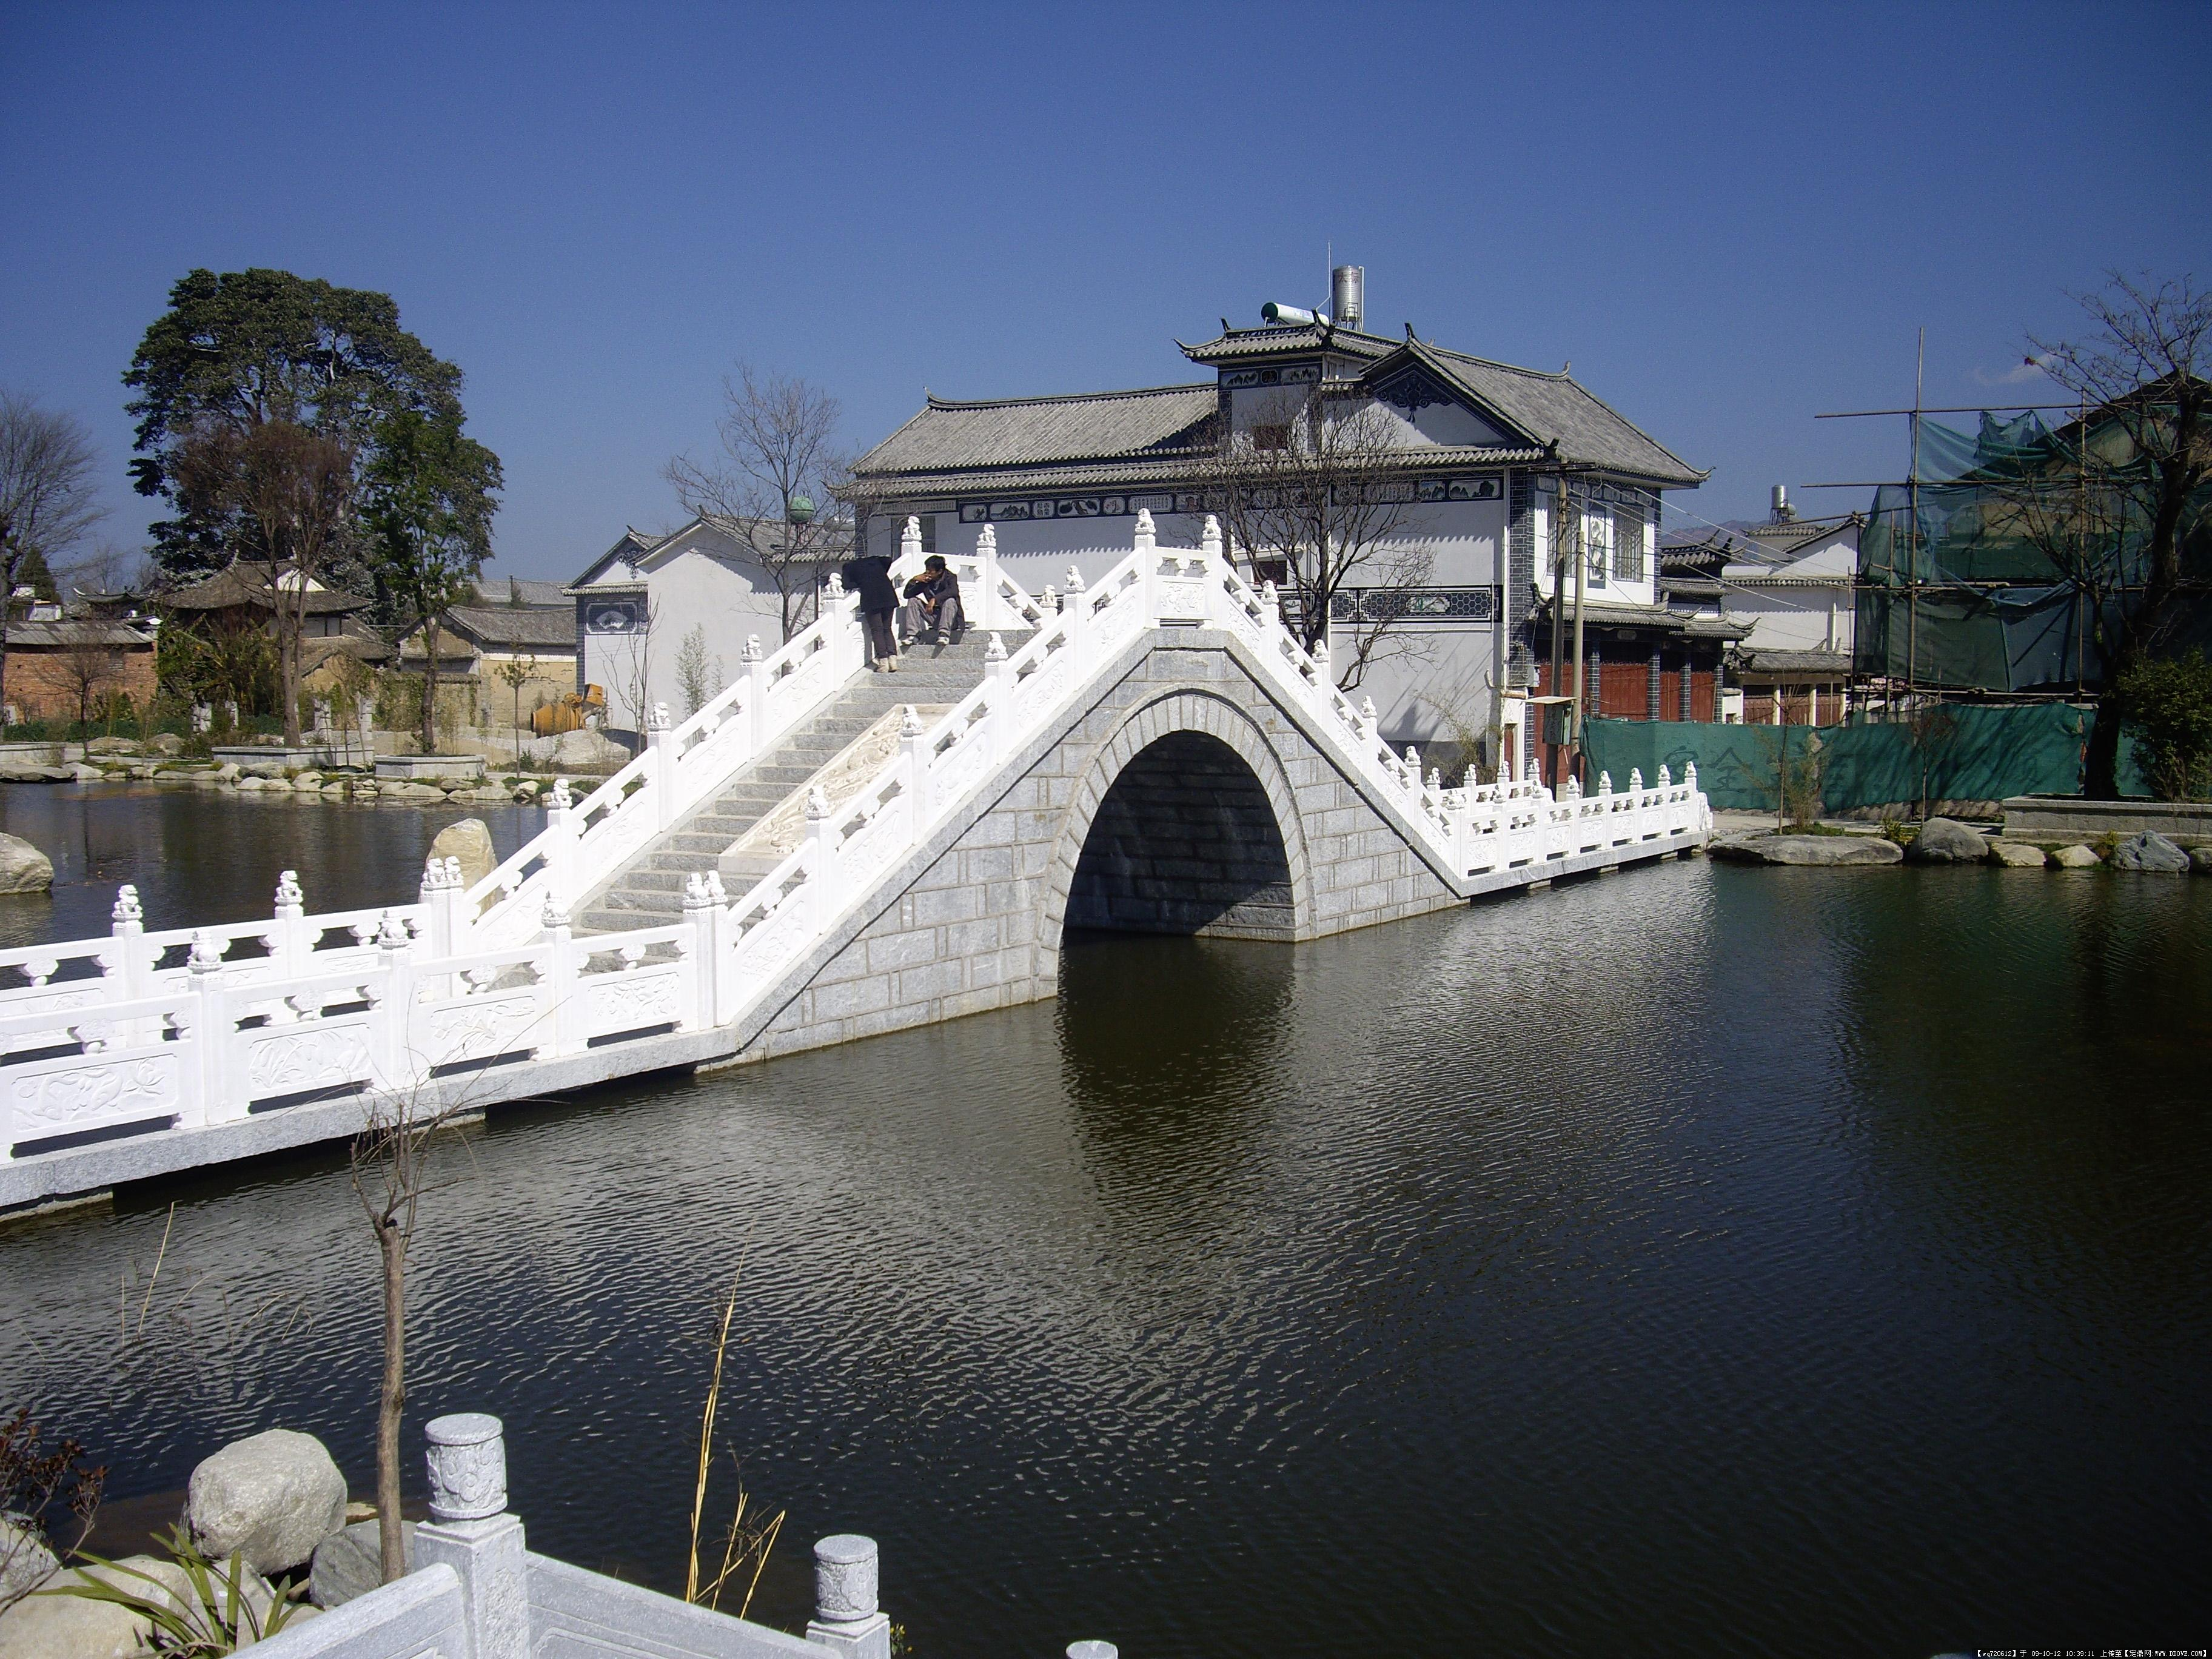 大理白族民俗建筑实景照片的图片浏览,建筑实景照片